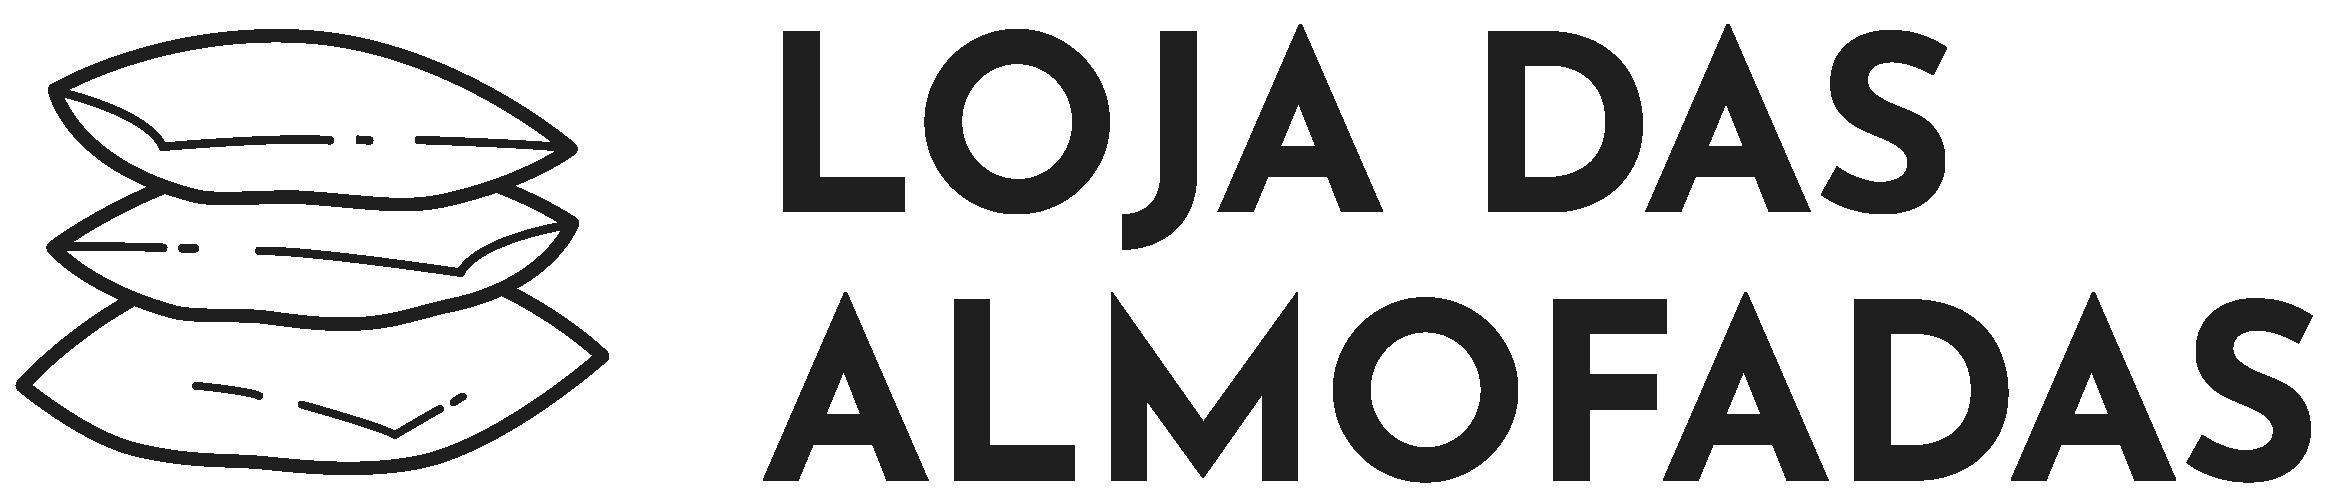 Loja das Almofadas - Client of Evergreen Collective Co.